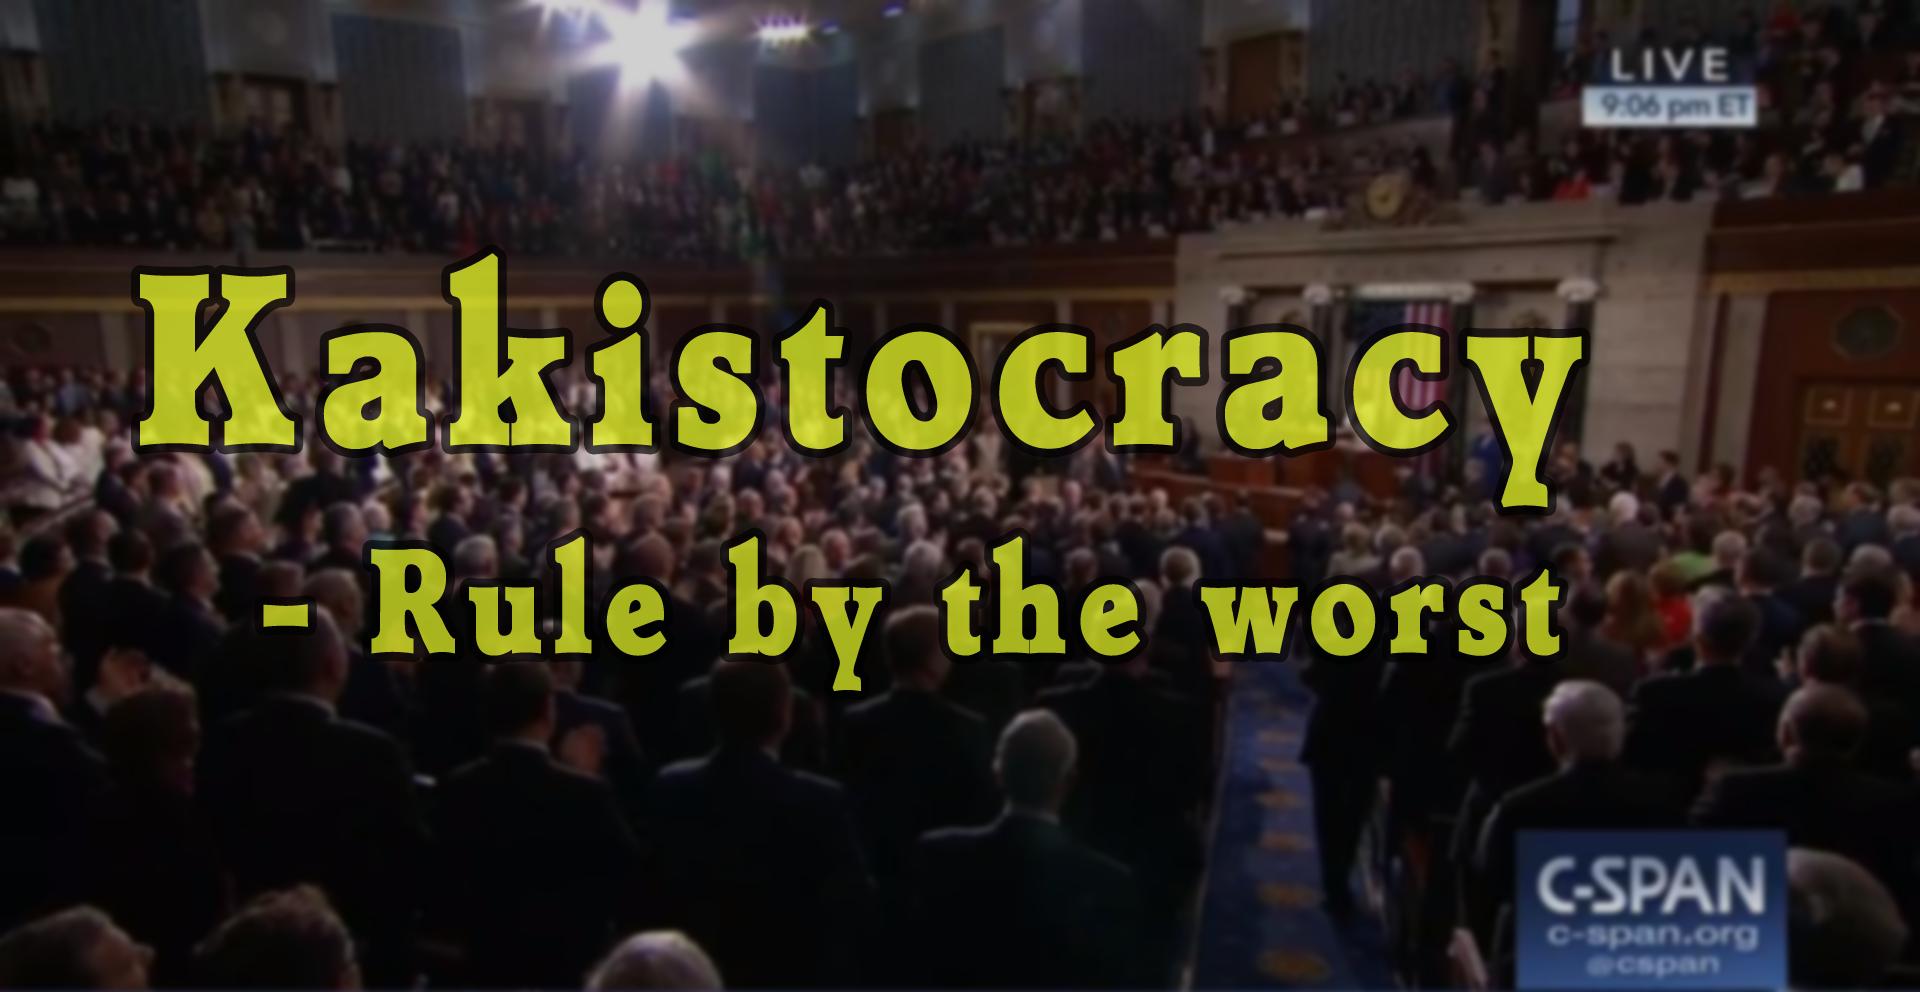 kakistocracy1 copy